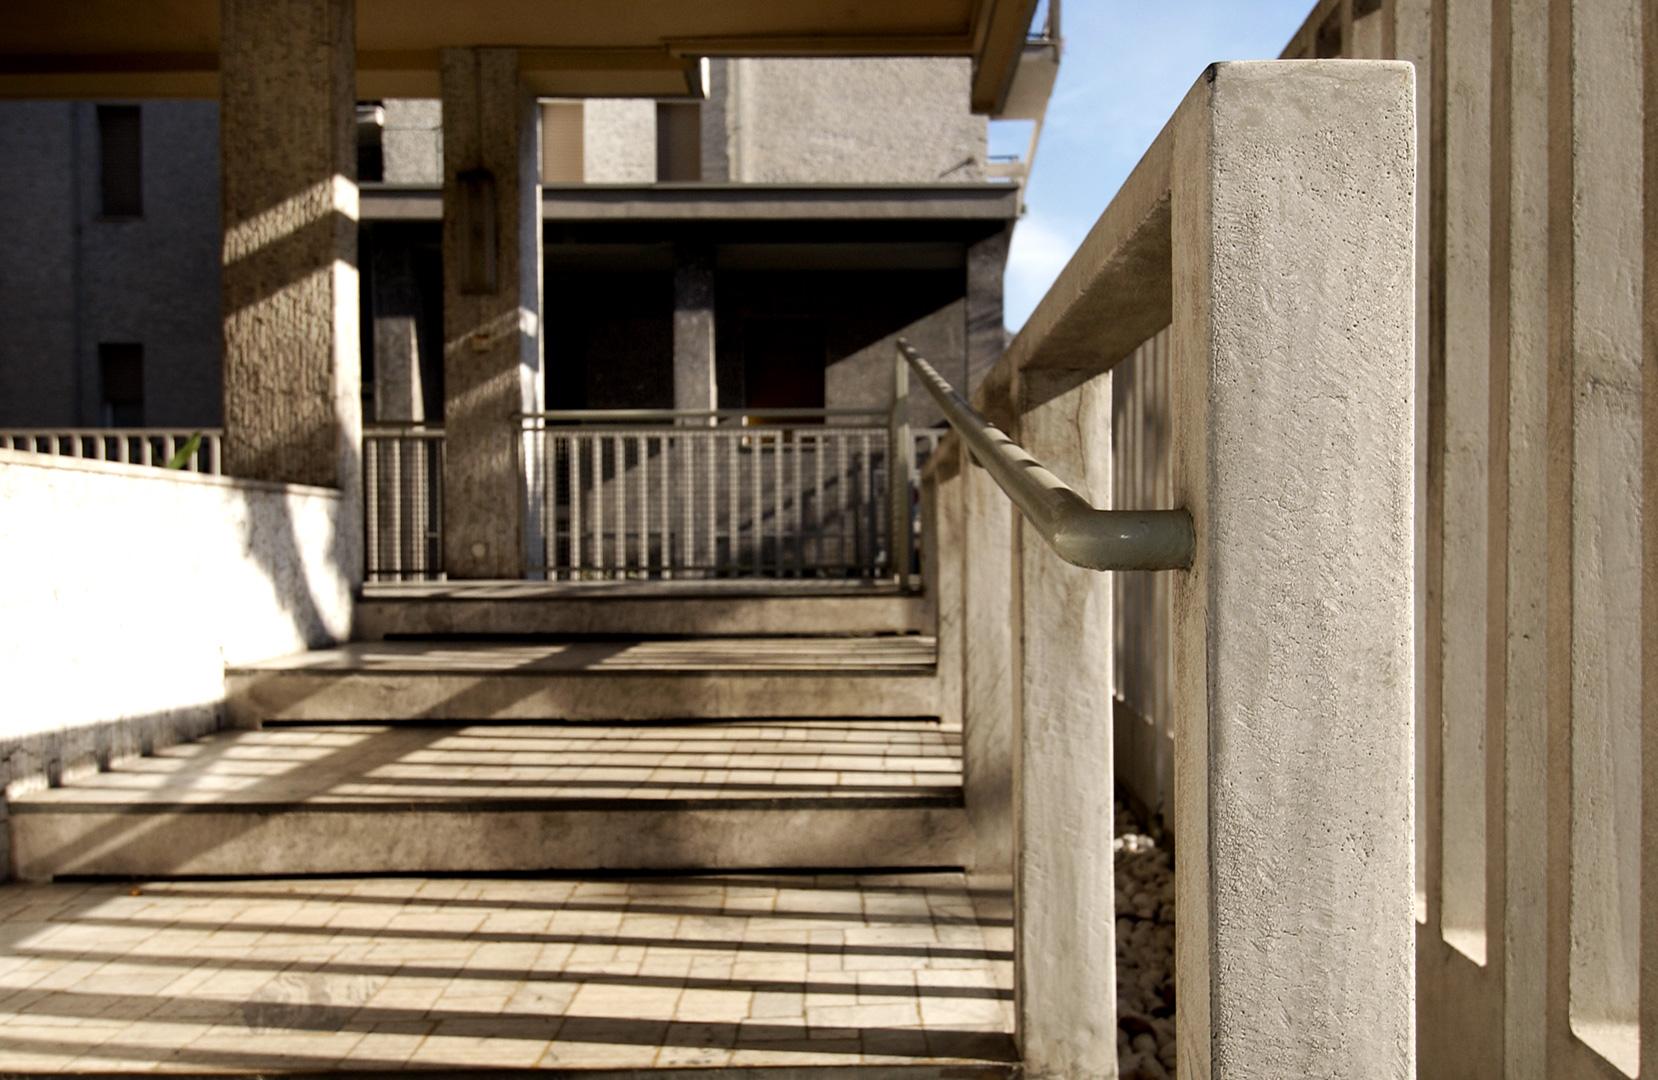 casa-giuliani-frigerio_10_DSC_6774